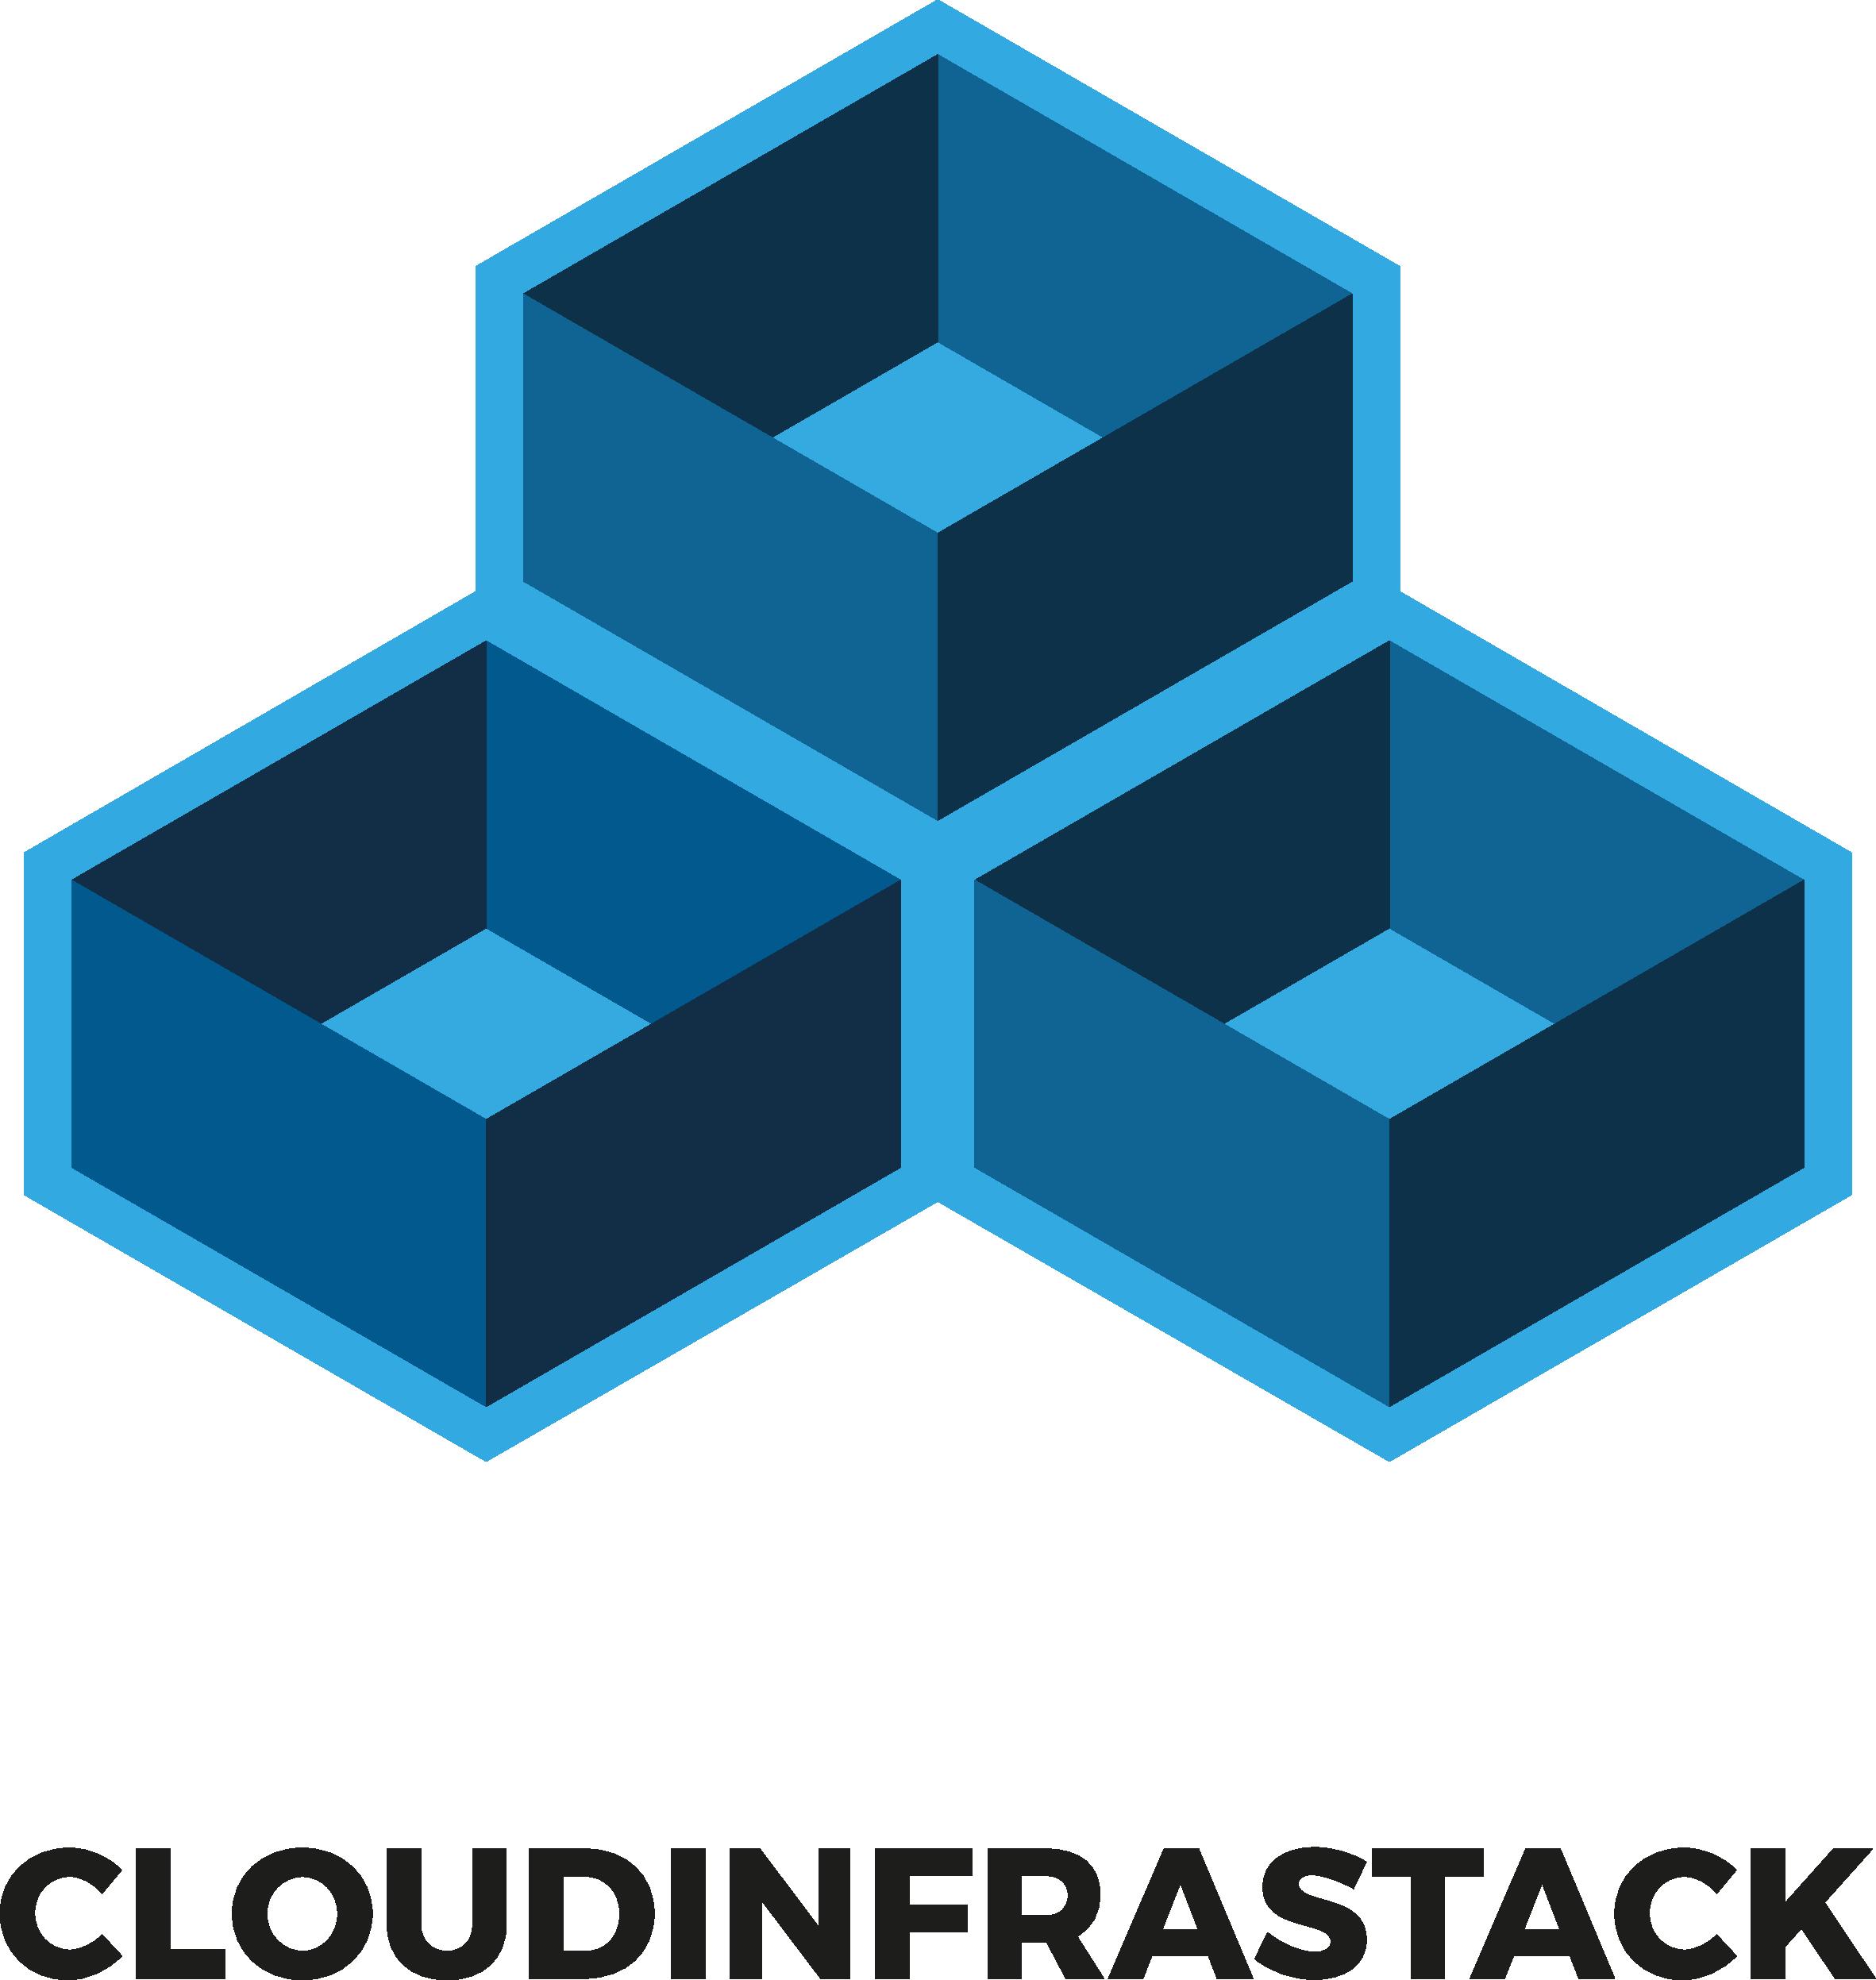 cloudinfrastack